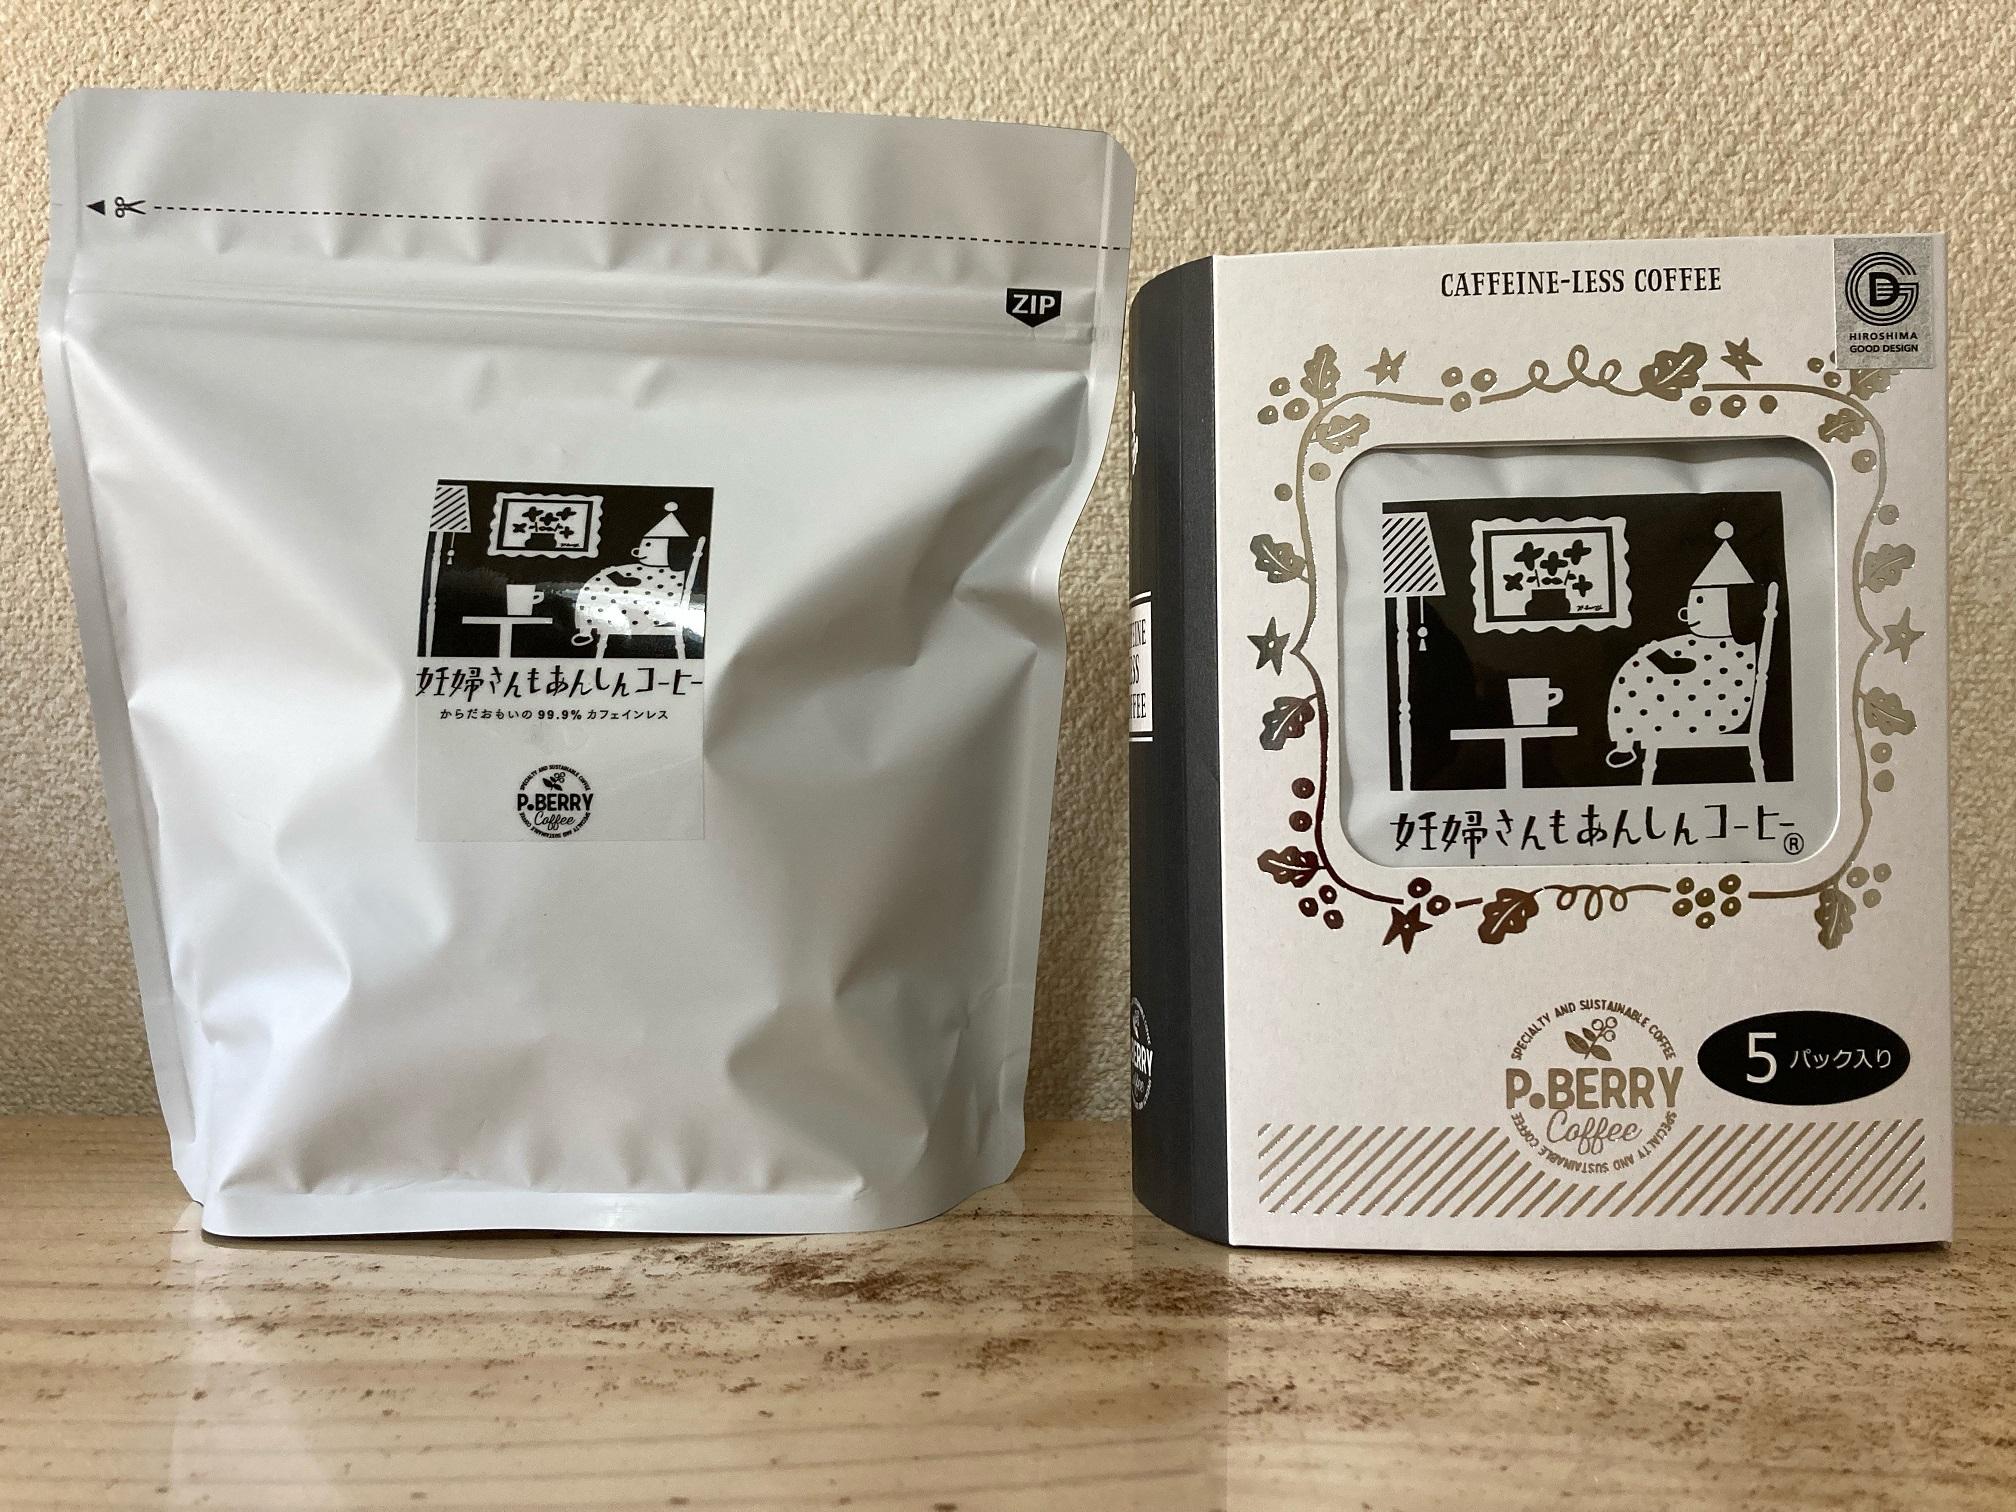 A28  機能別カフェインレスコーヒーセット(妊婦さんもあんしんコーヒー)